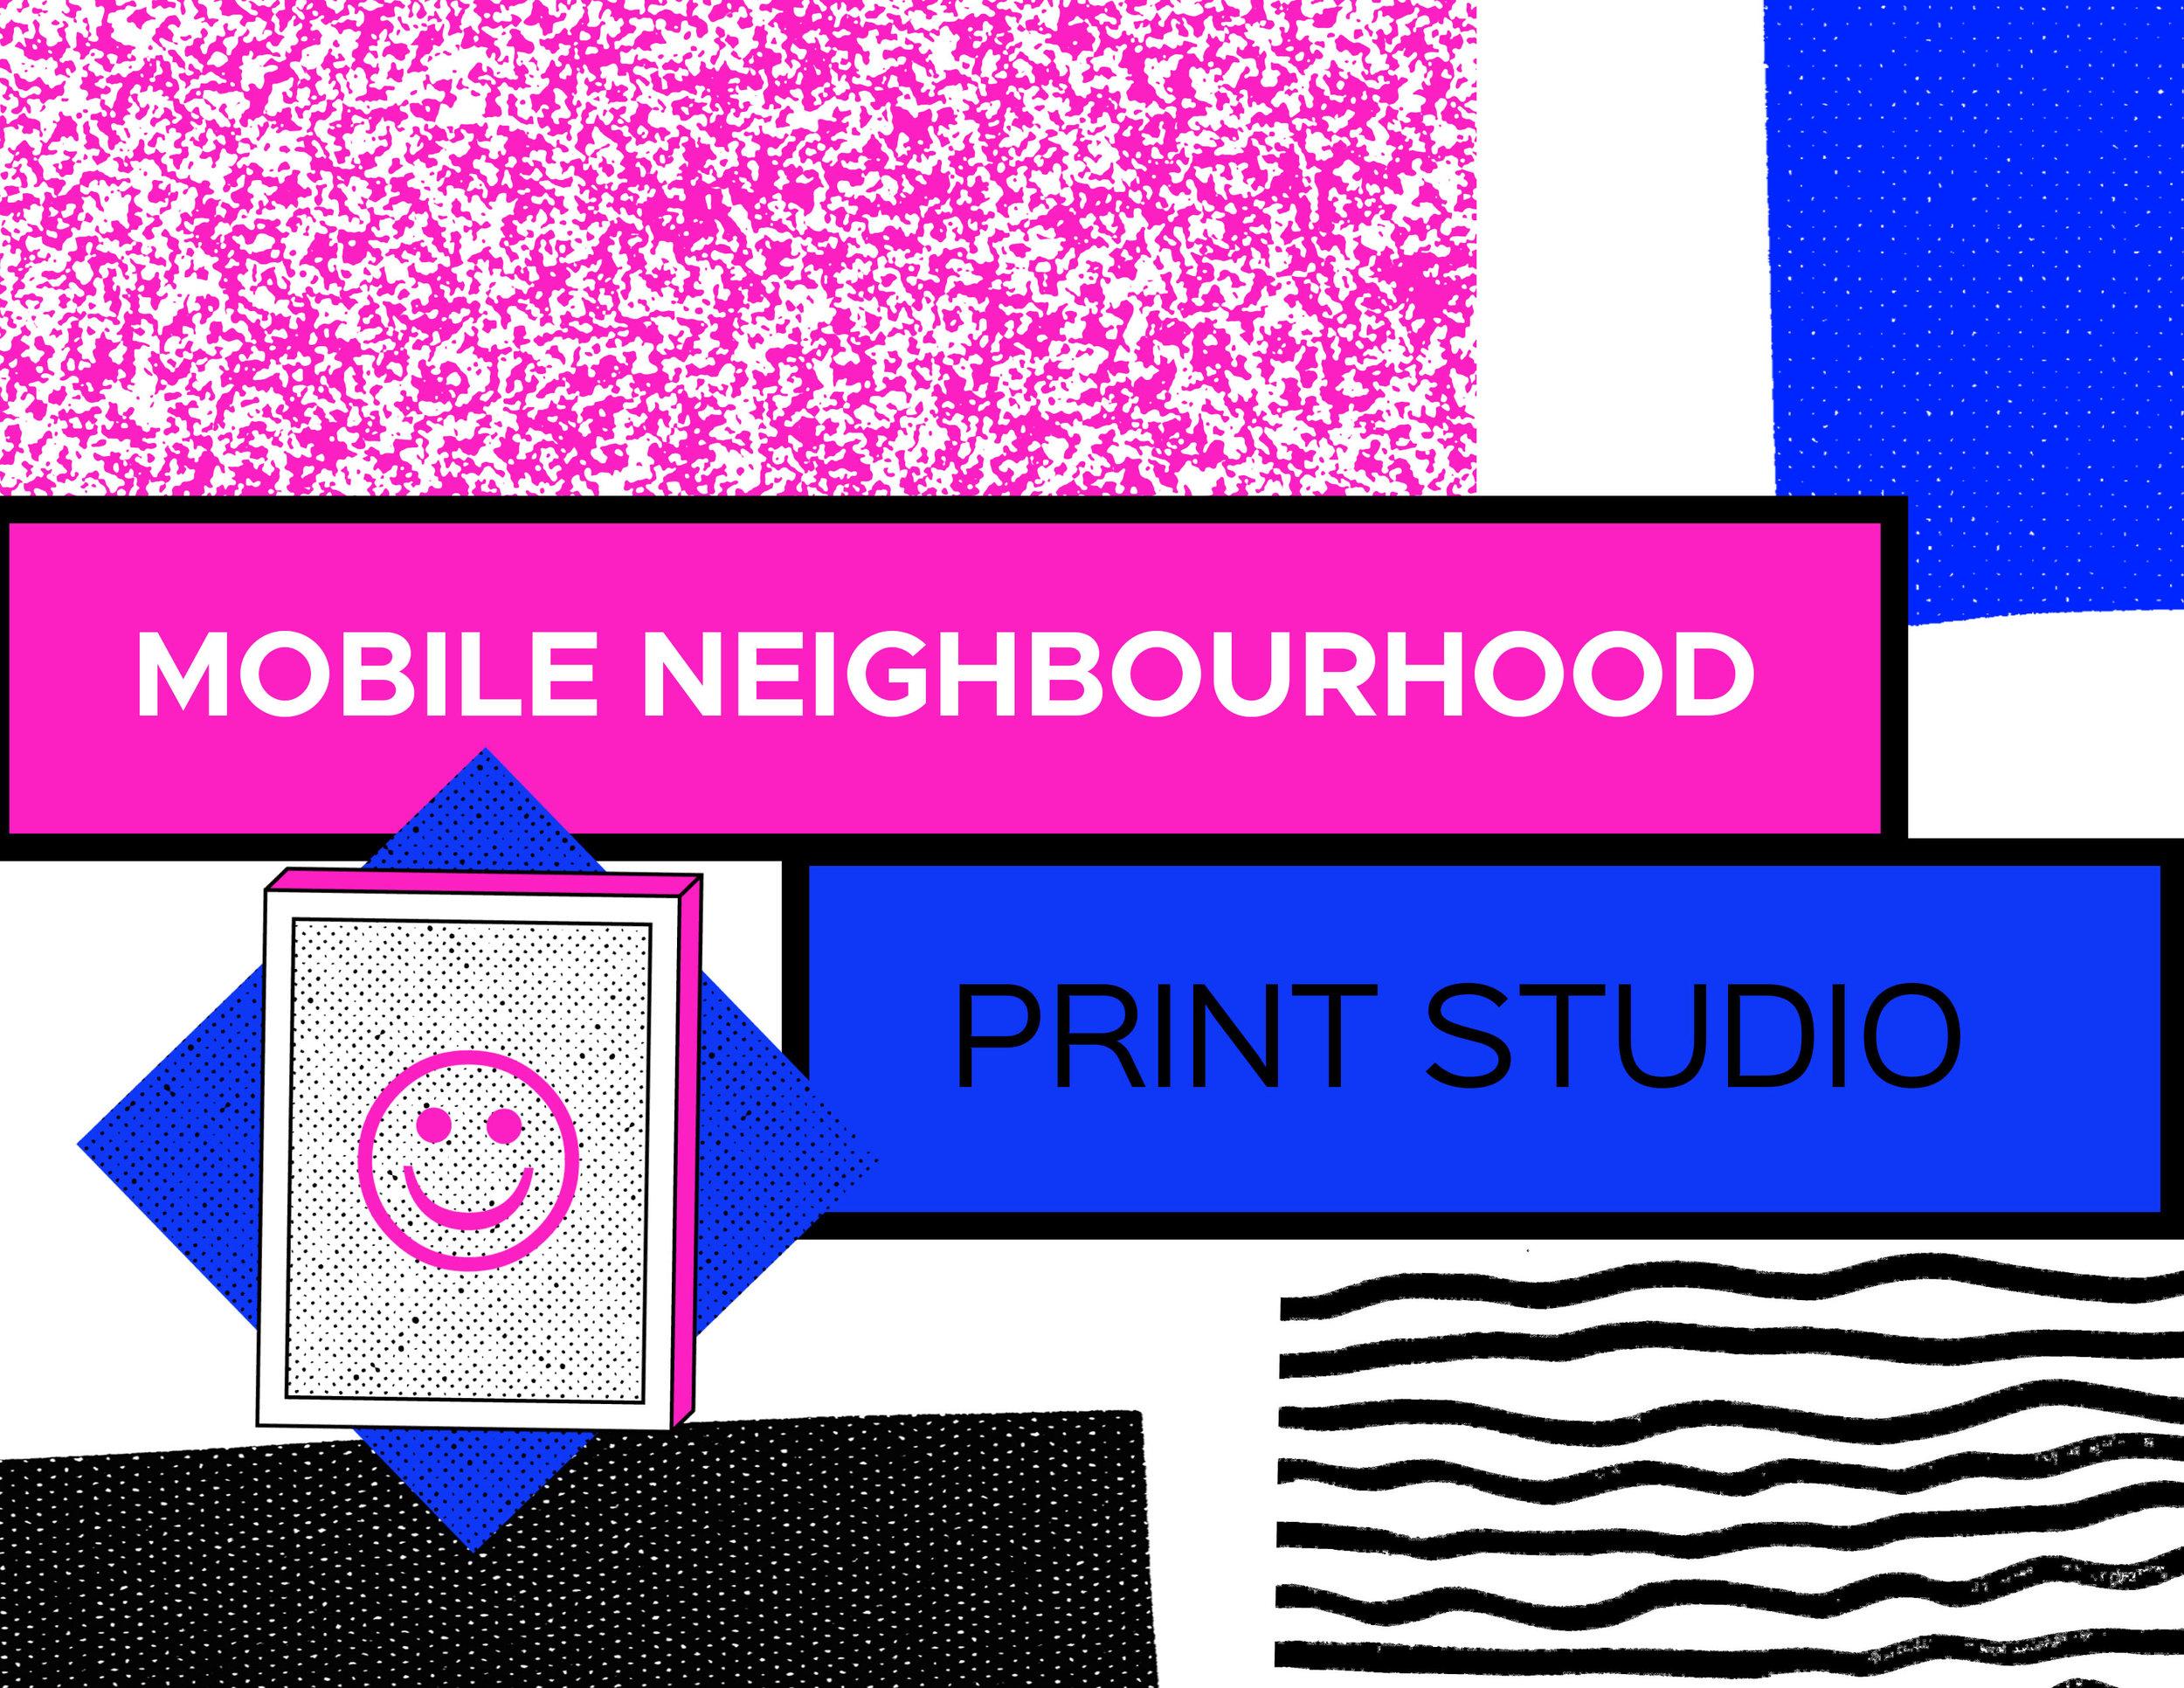 mobile-print-studio-banner-jul252019-01.jpg